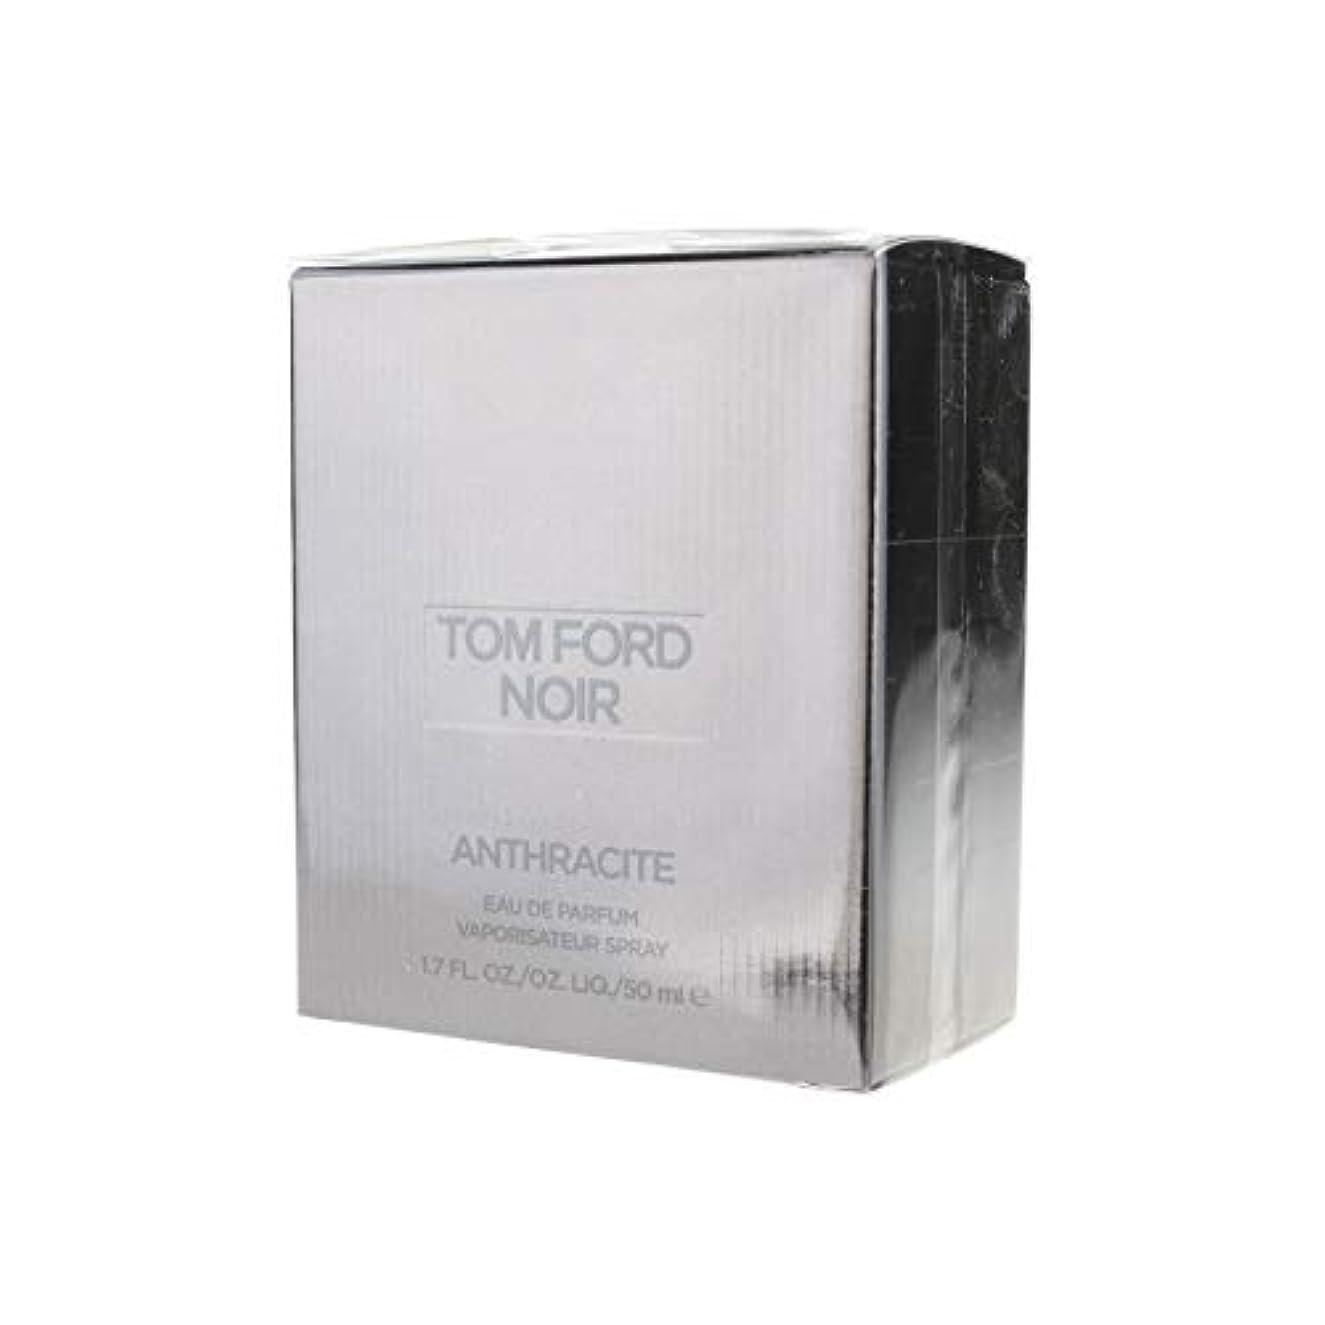 窓厚い毎月Tom Ford Noir Anthracite (トムフォード ノワール アンソラシット) 1.7 oz (50ml) EDP Spray for Men